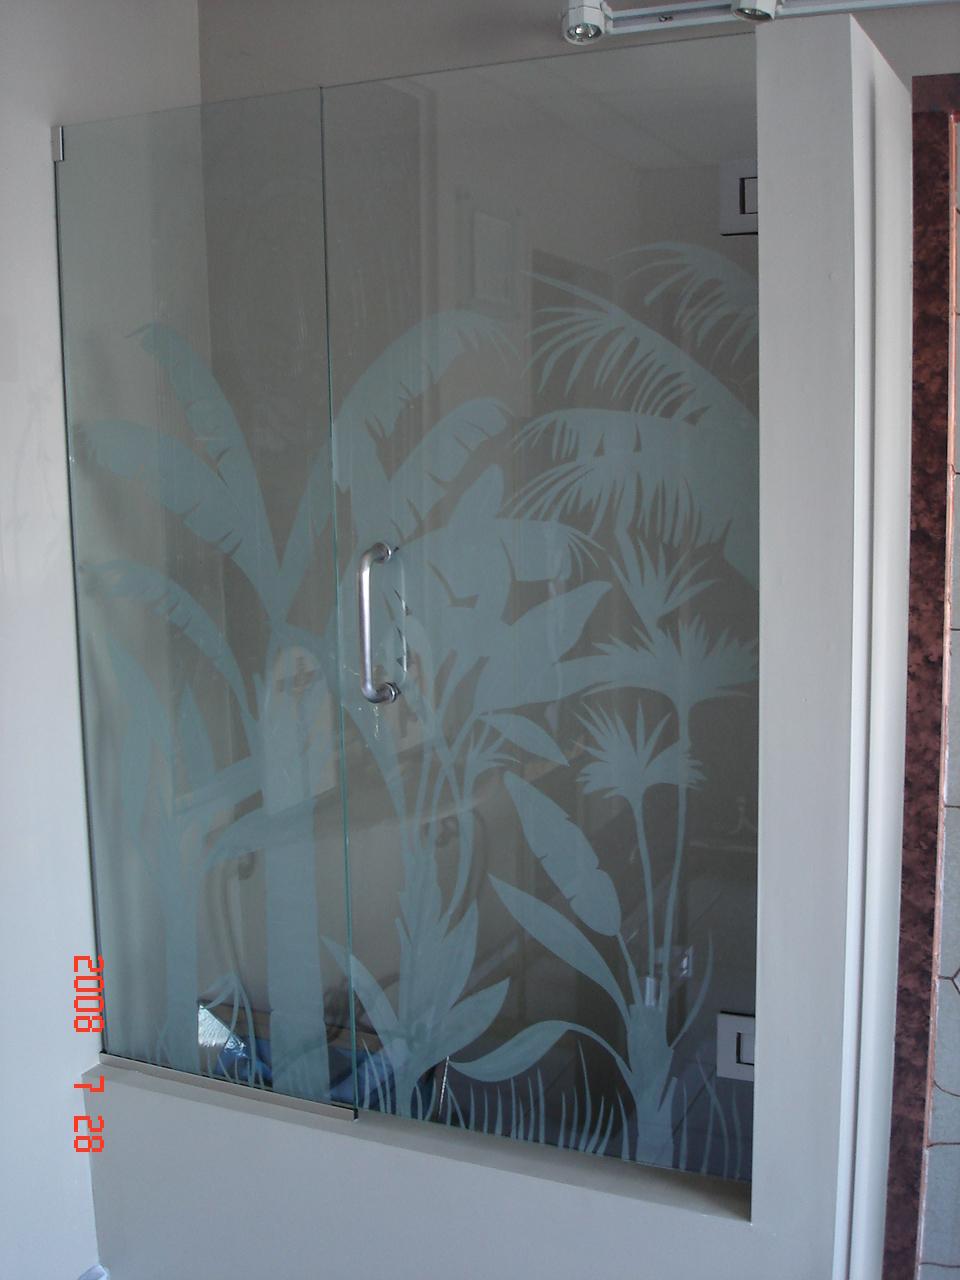 Puertas Para Baño Cr:vitrales Arenados Puertas Para Baño: Puertas Para Baños